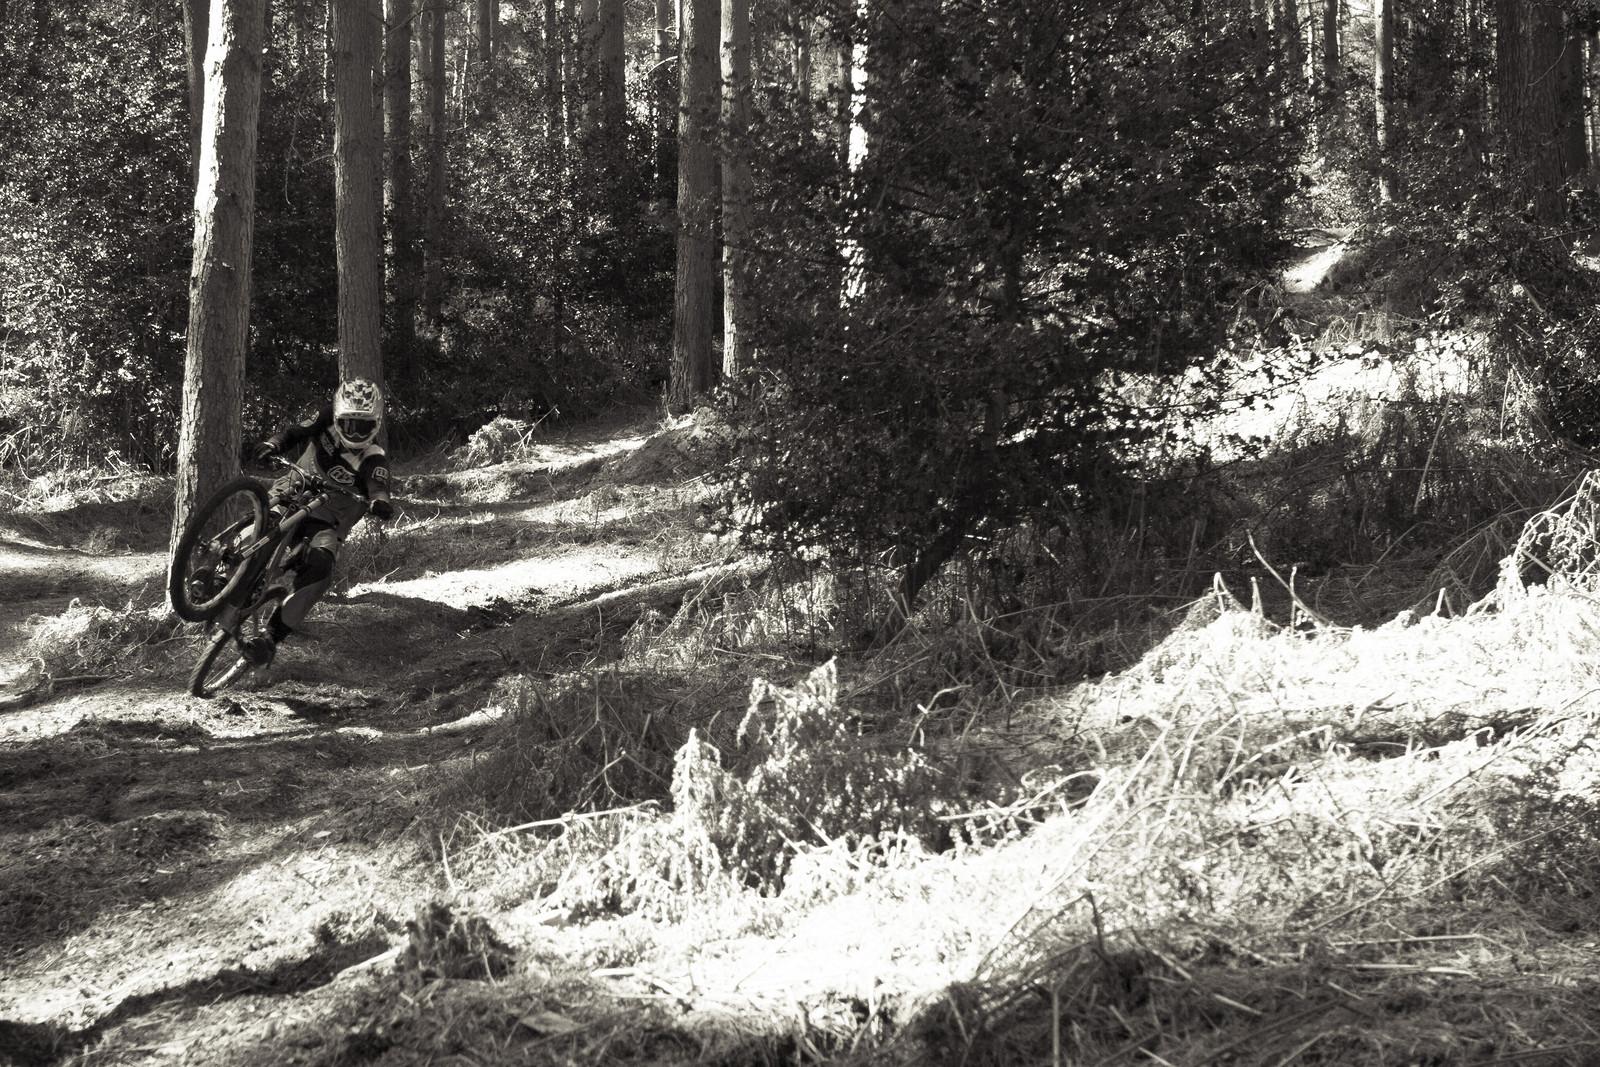 Jono Jones Spring Awakening  - jamieledson - Mountain Biking Pictures - Vital MTB